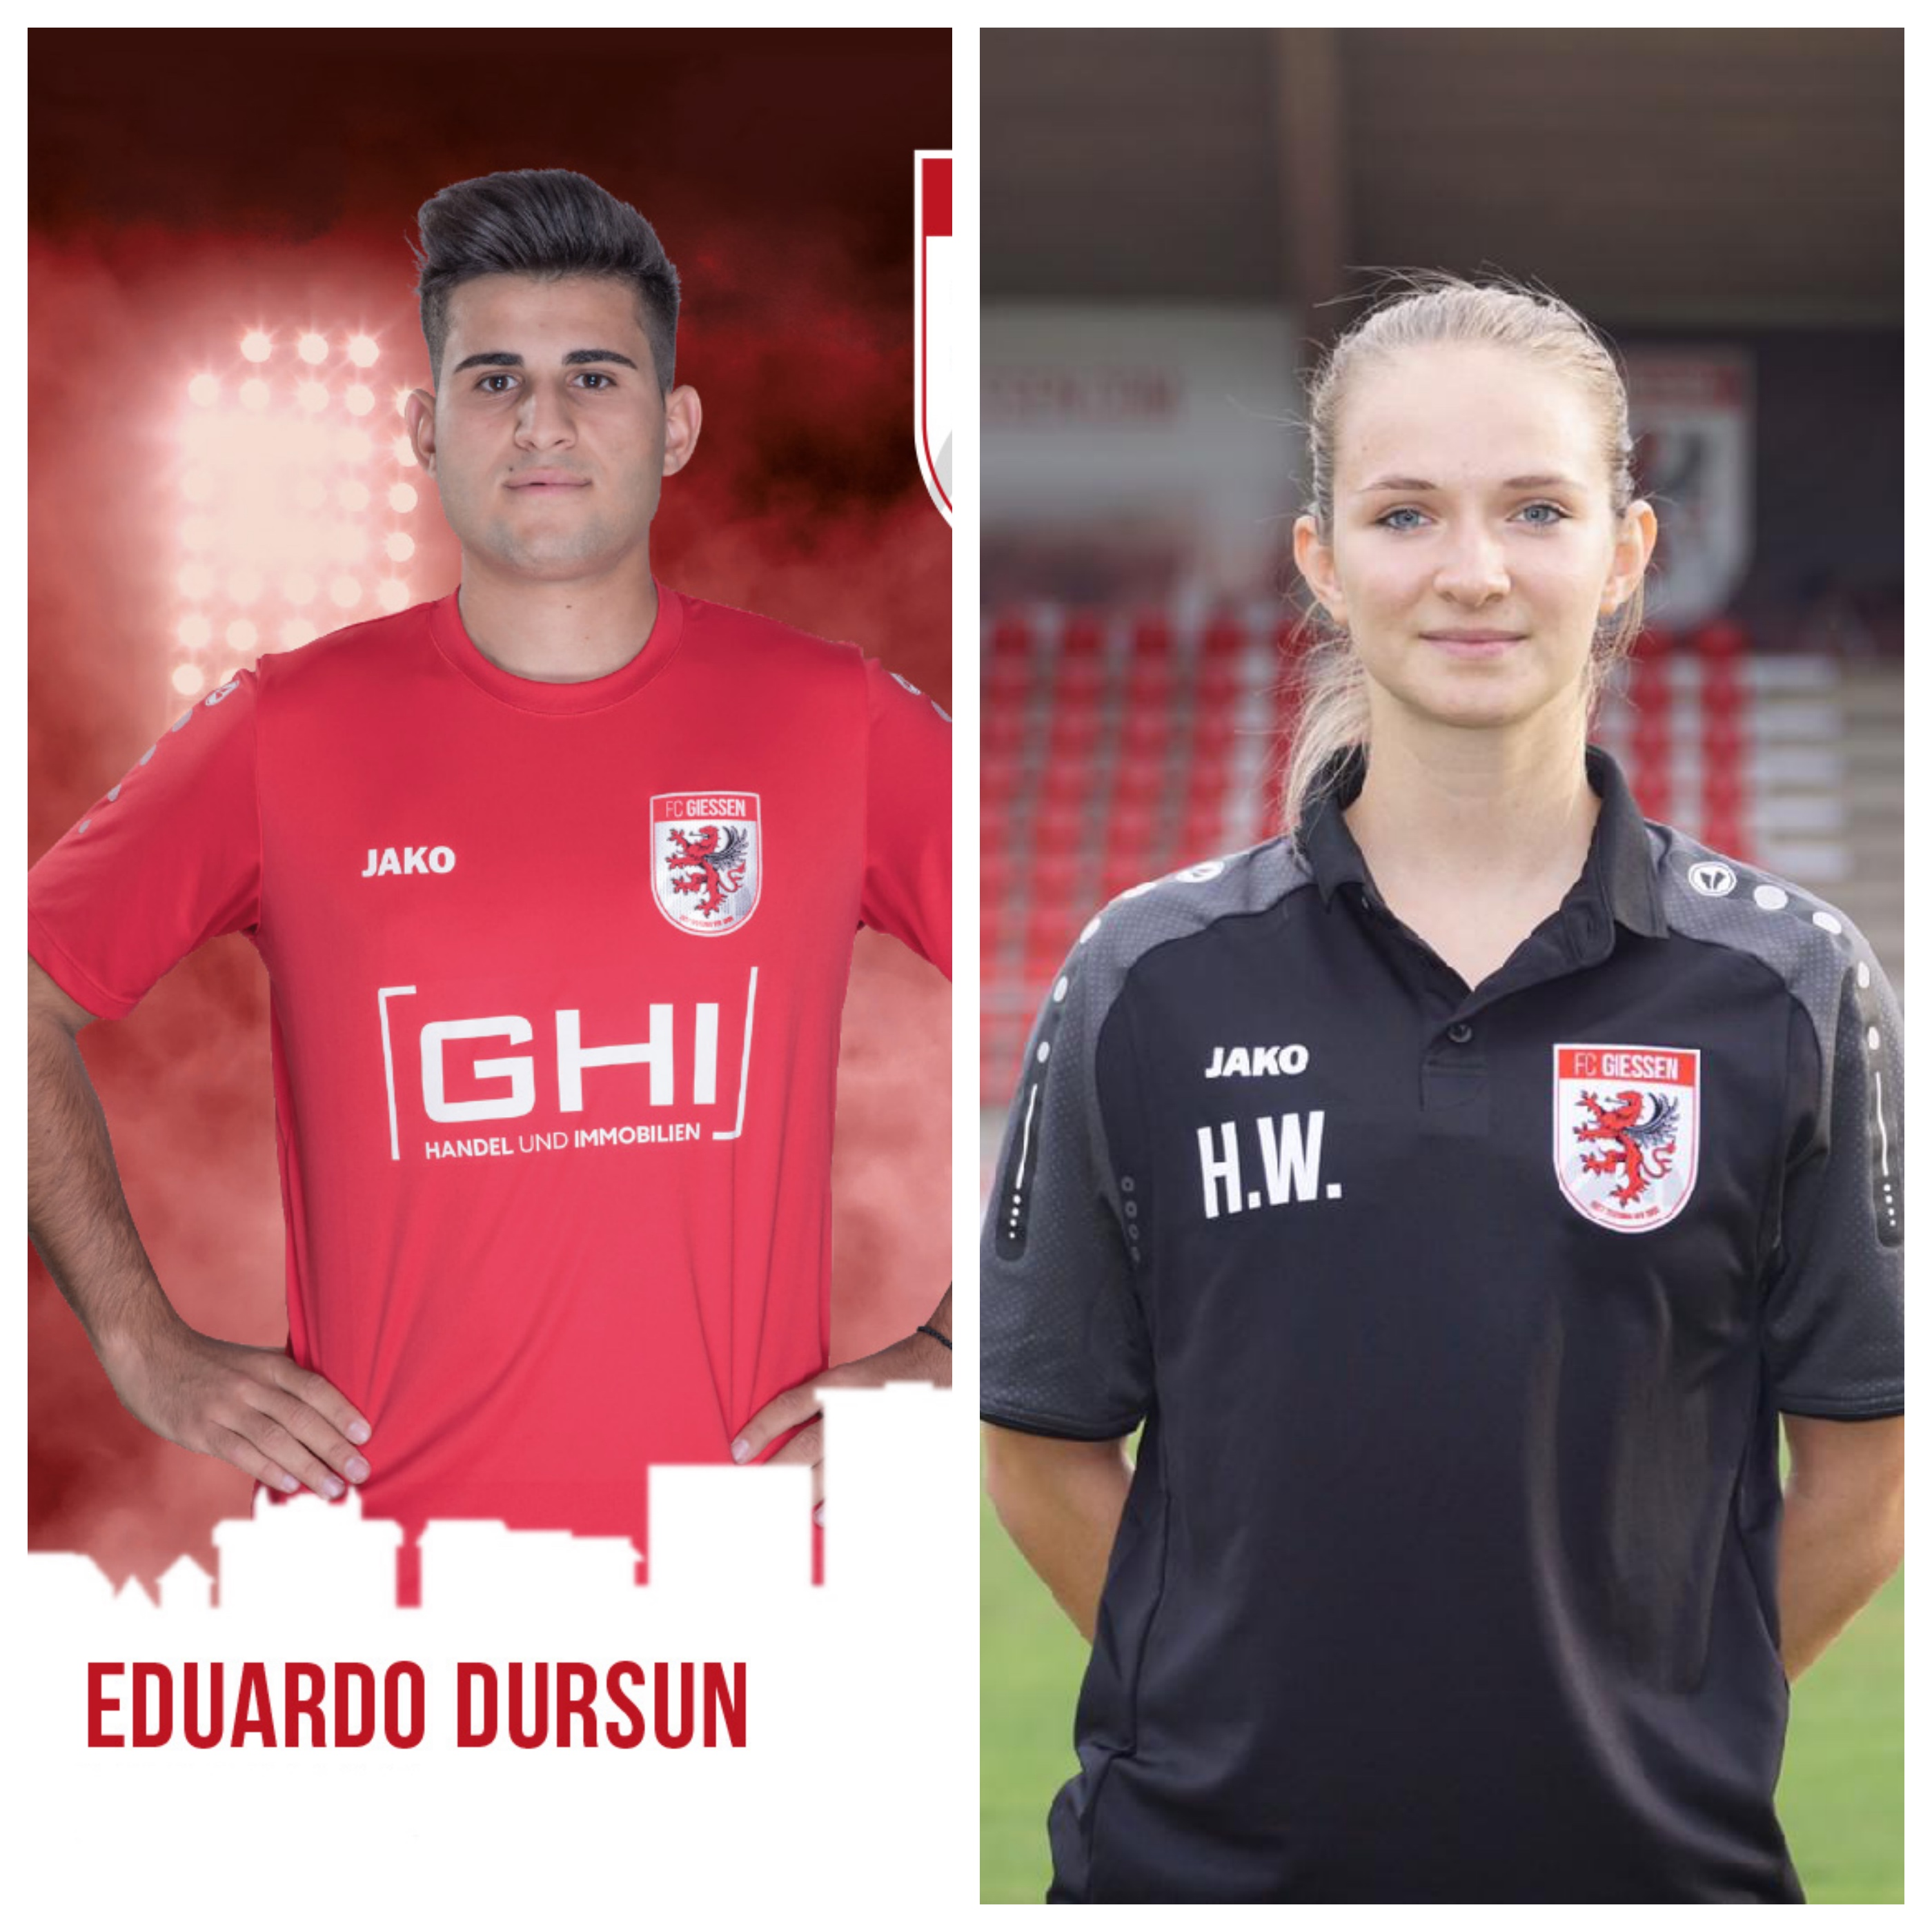 Von der TSG zum FCG: Eduardo Dursun übernimmt die U16